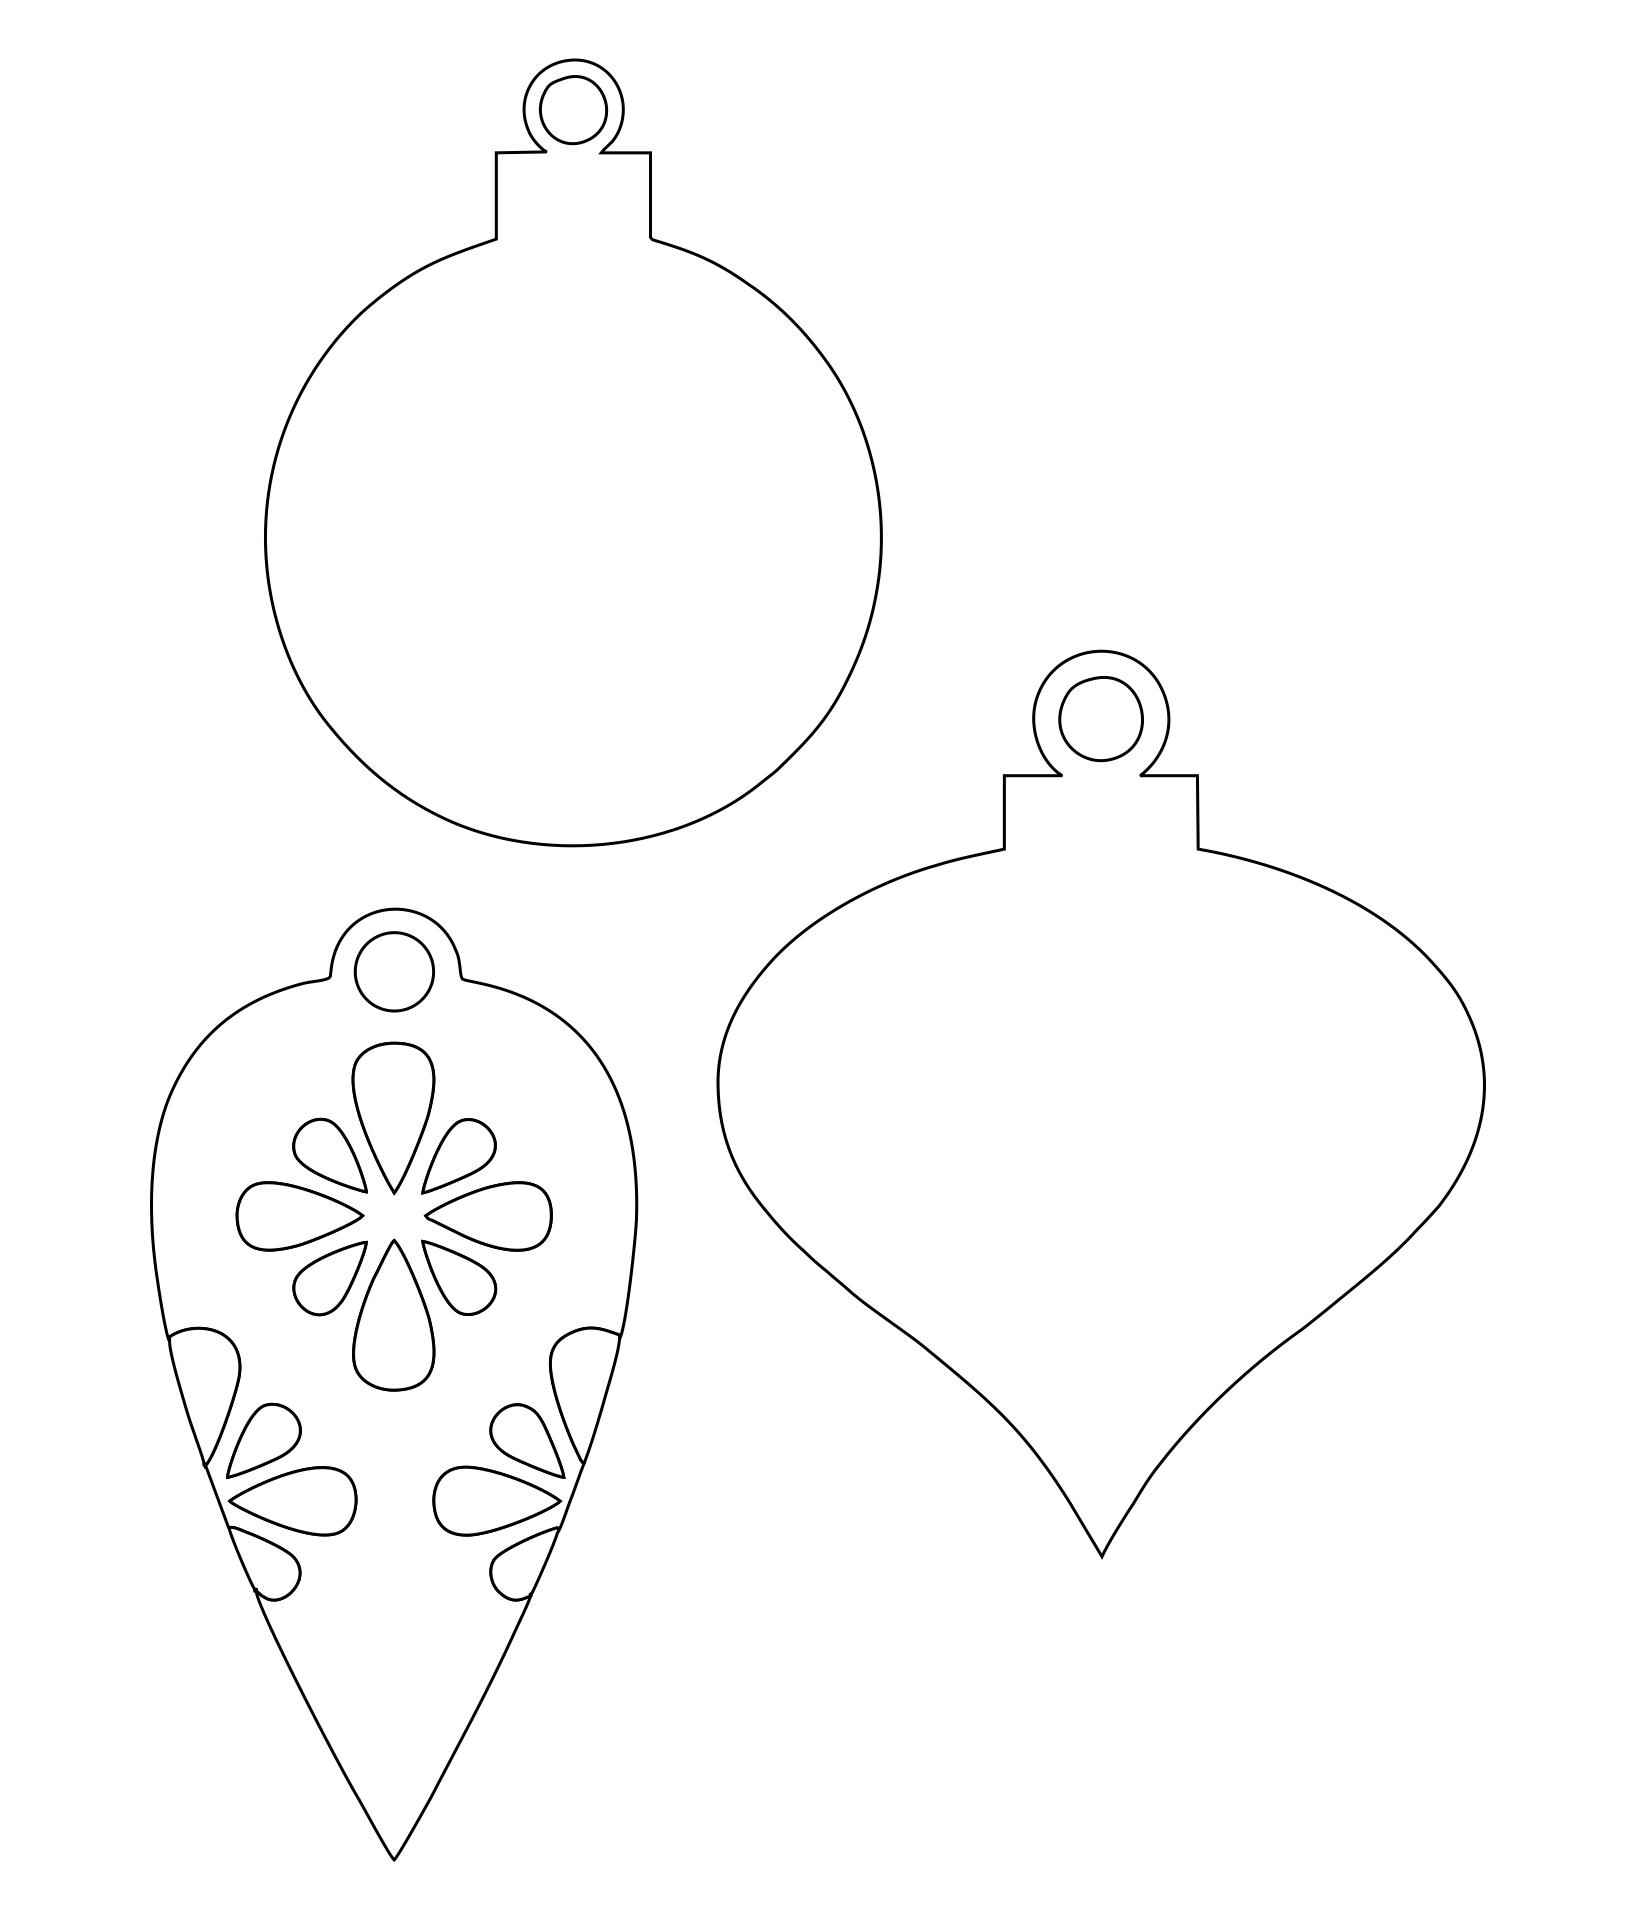 Printable Christmas Ornament Shapes